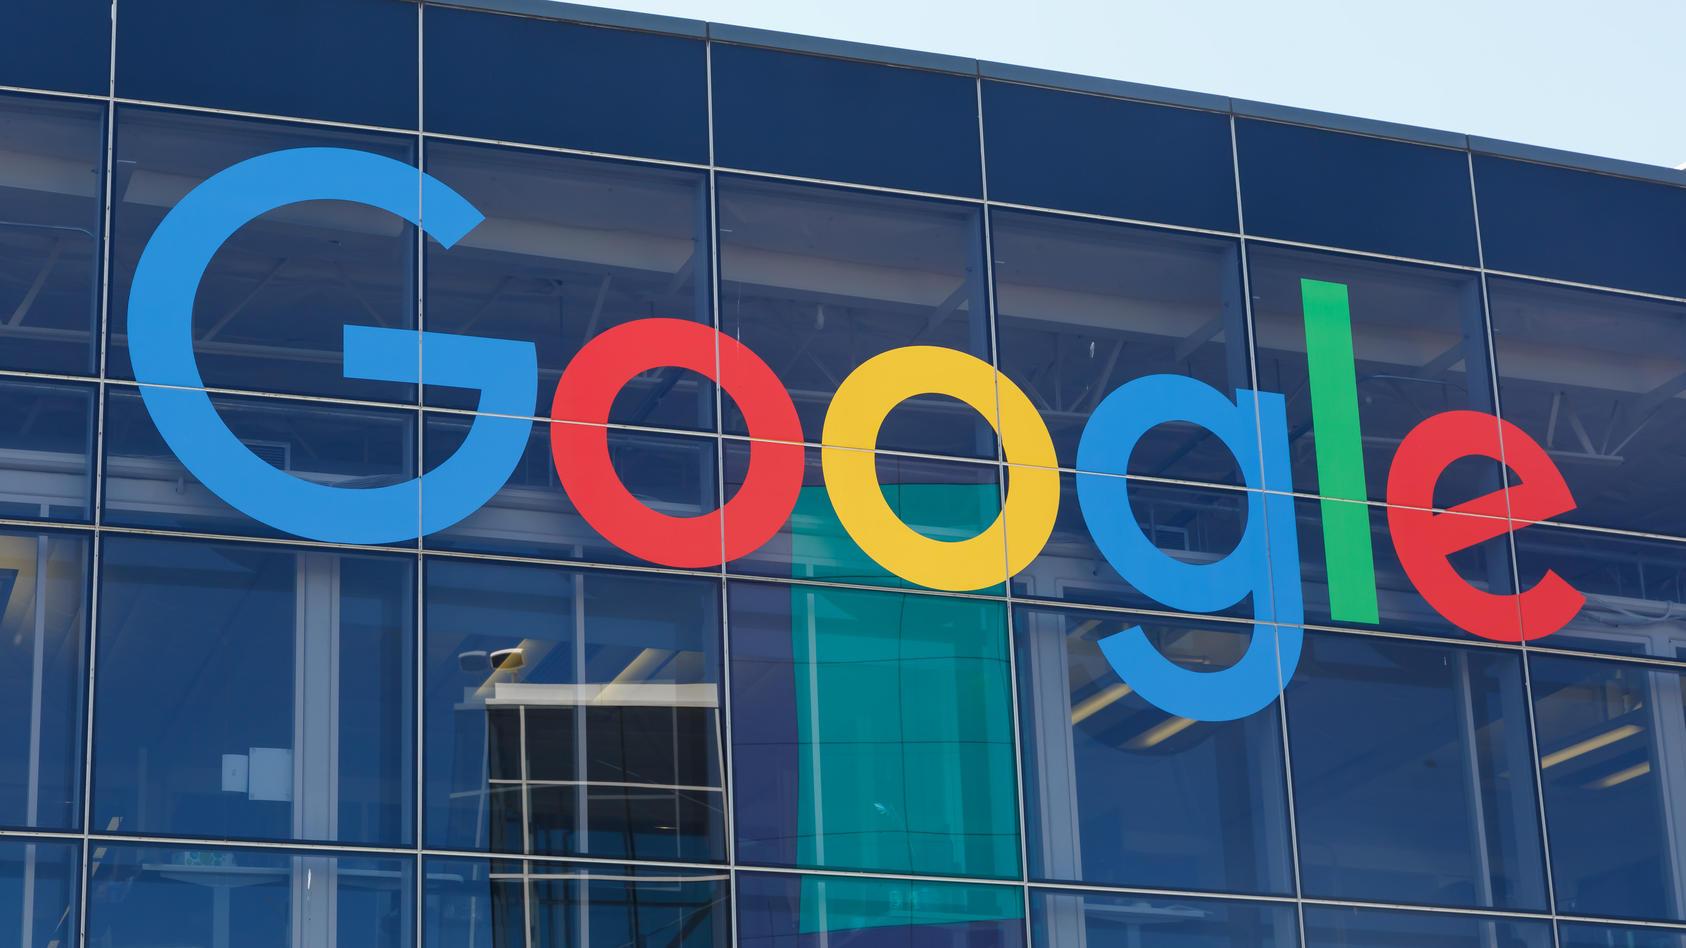 Die Mitarbeiter von Google müssen sich impfen lassen, wenn sie in die Zentrale nach Mountain View (USA) zurückkehren wollen.